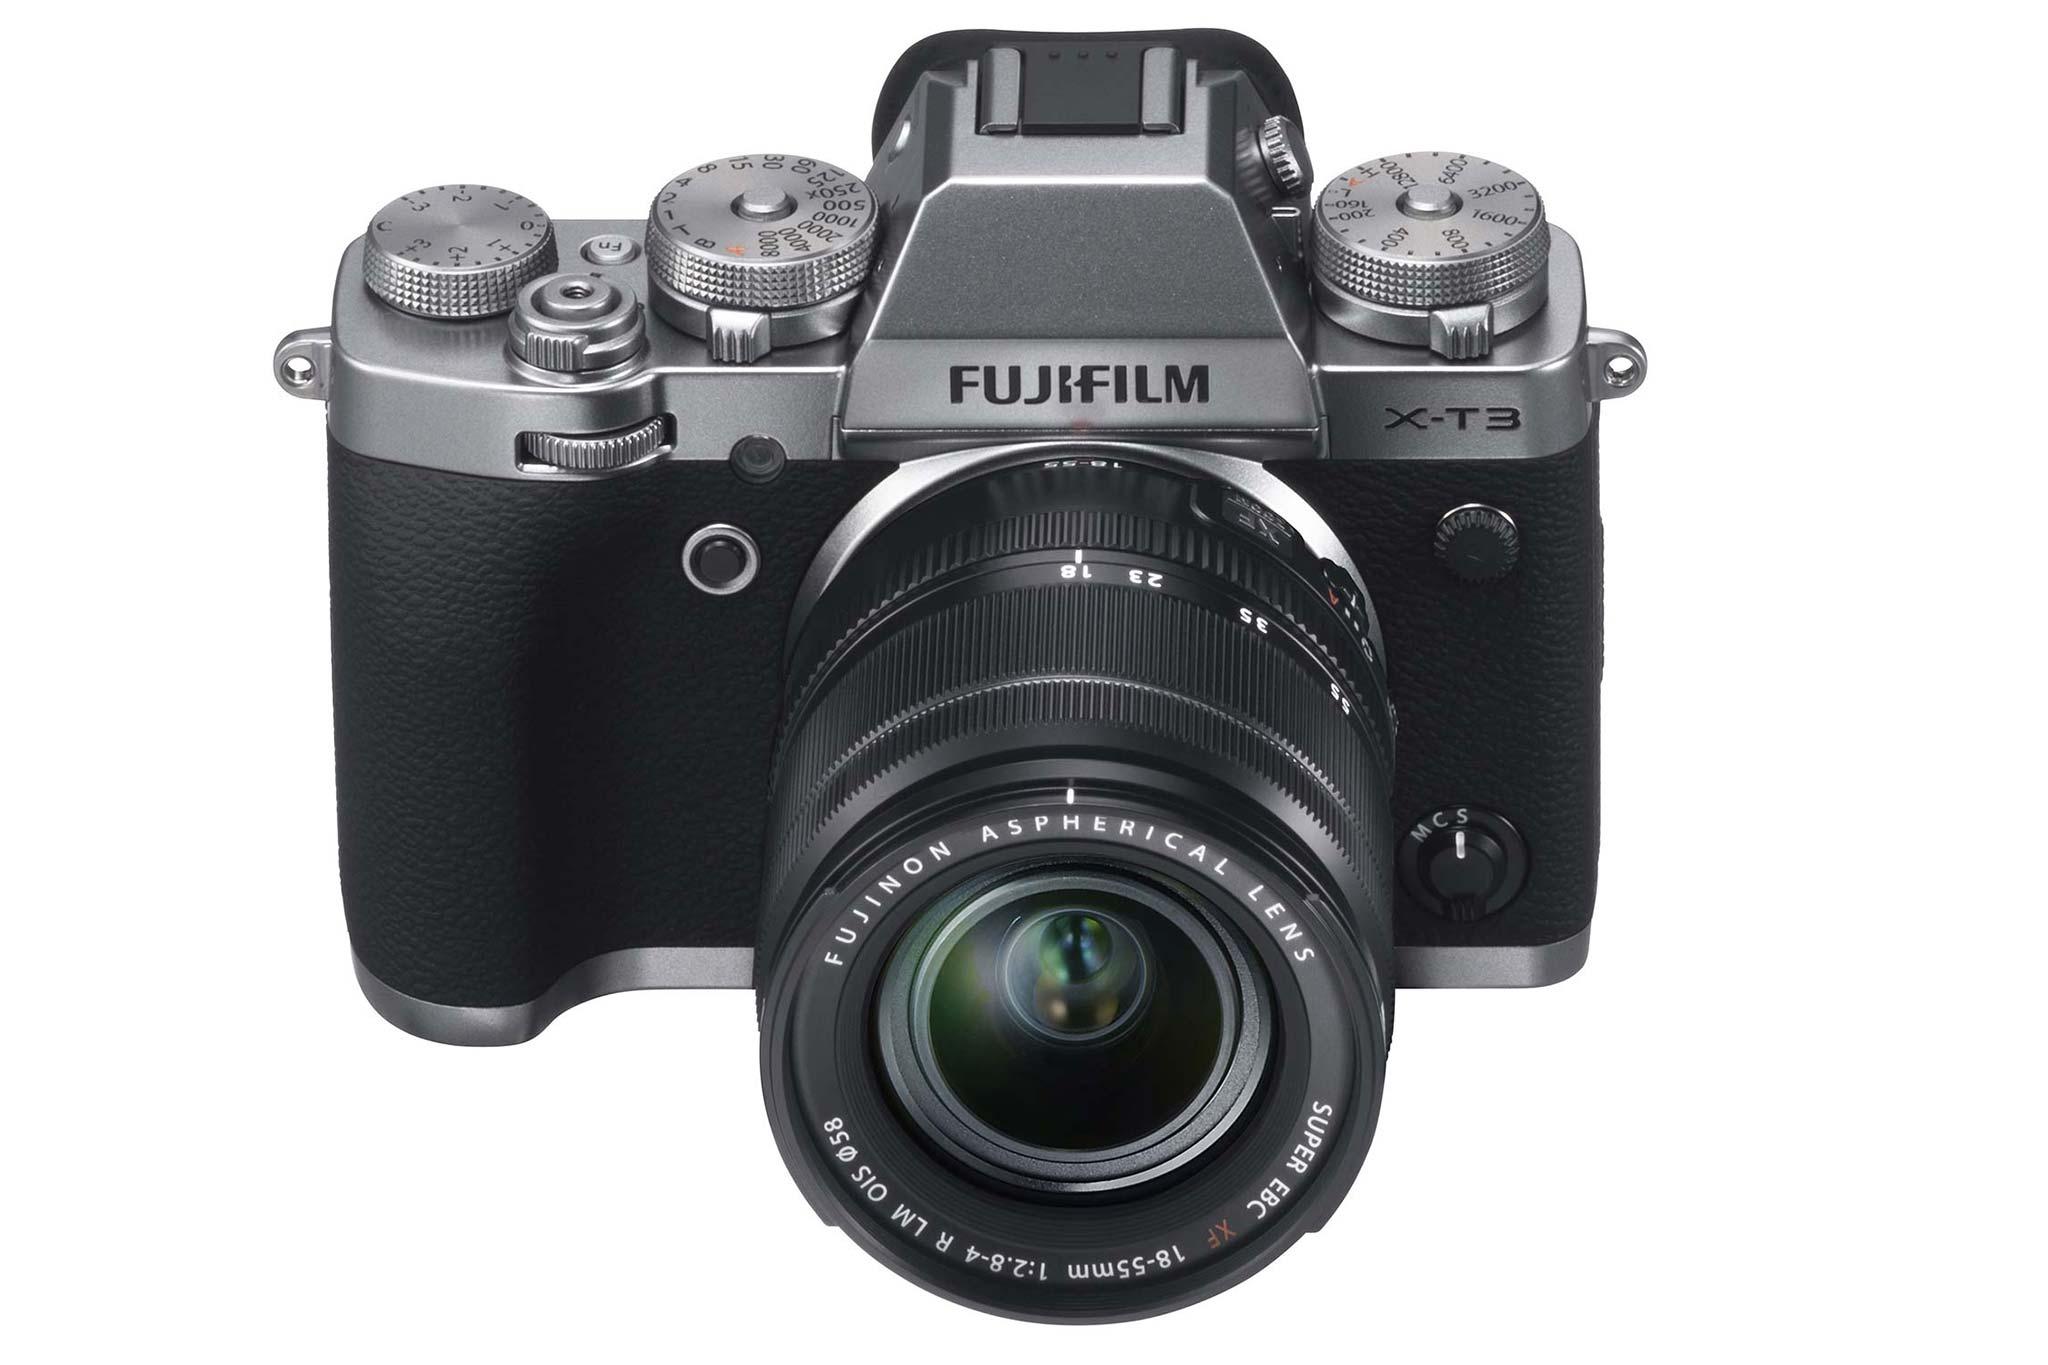 Fujifilm_X-T3_tinhte_3.jpg